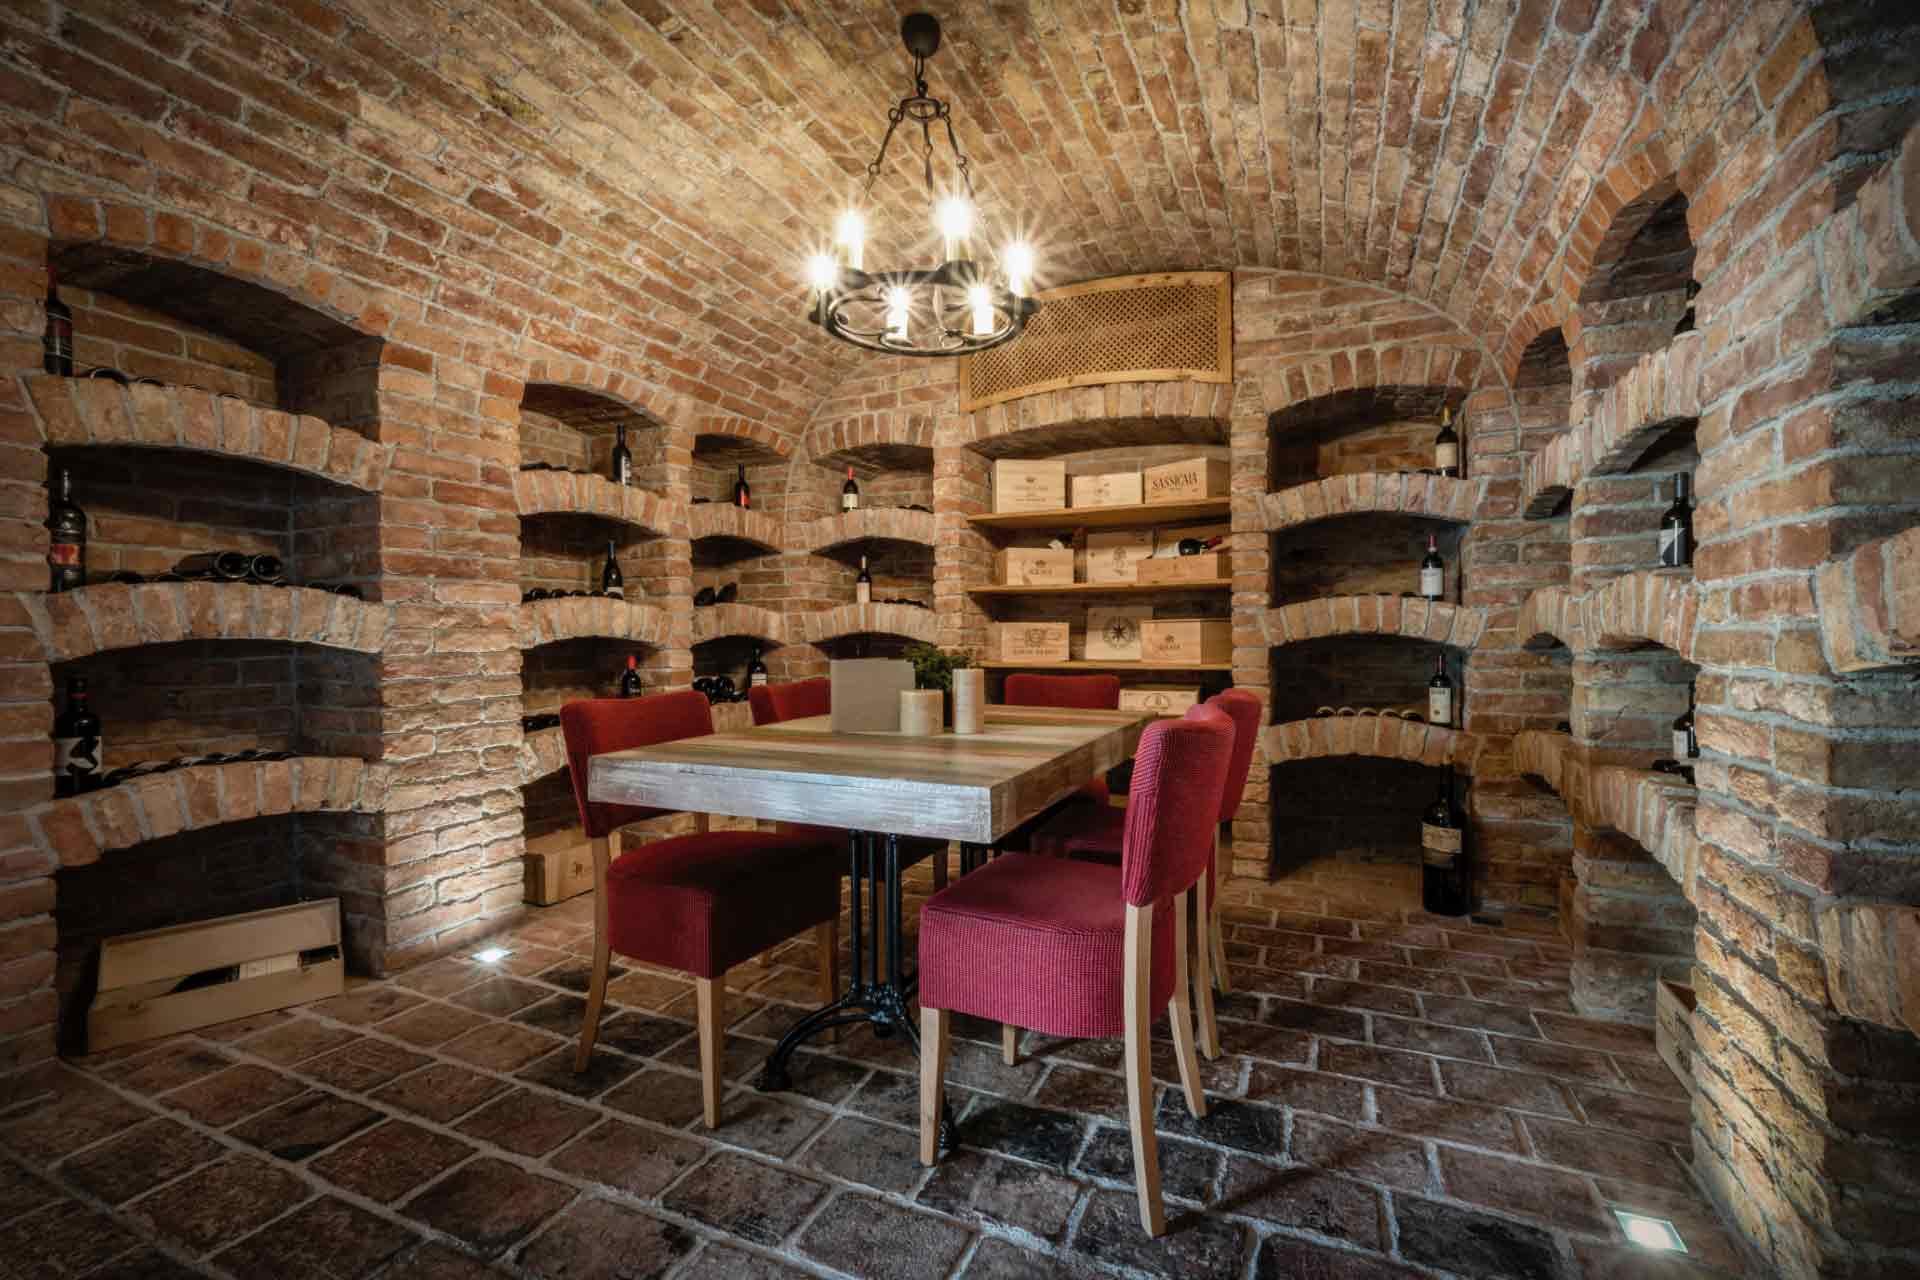 Ein historische Weinkeller mit einem  Tisch und roten Stühlen in der Mitte.